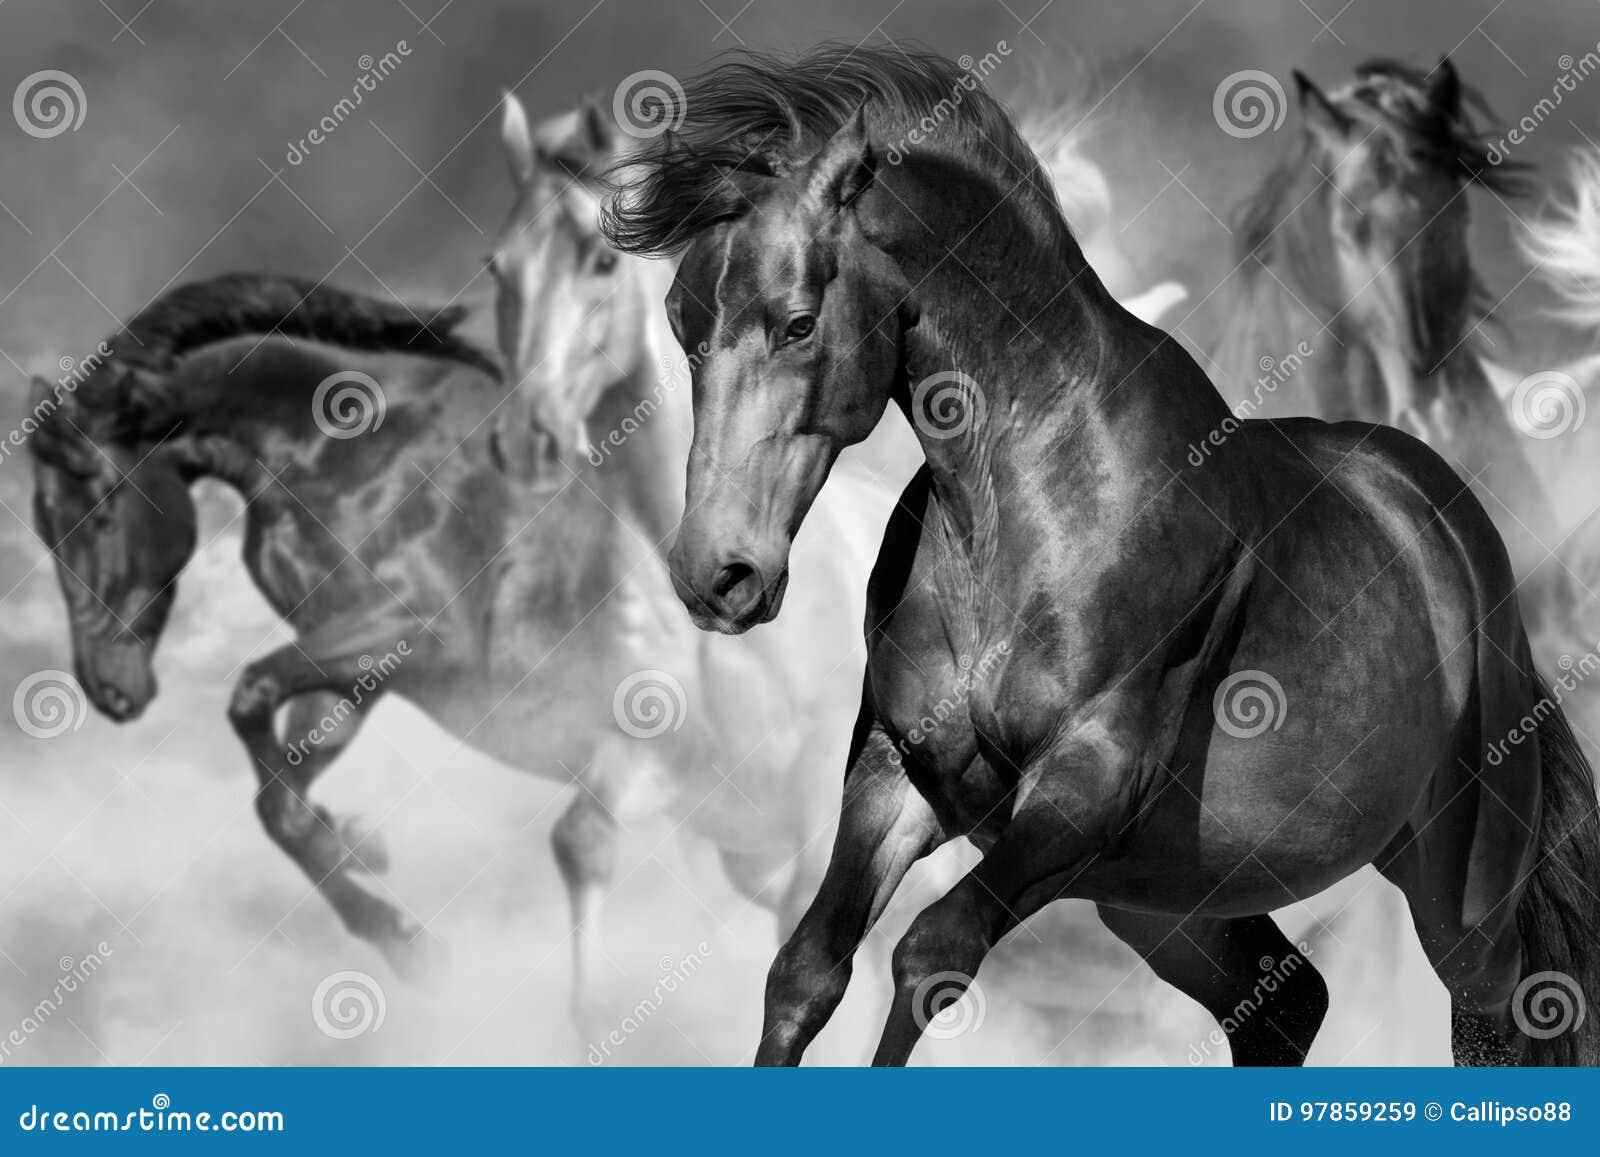 Koński portret w ruchu